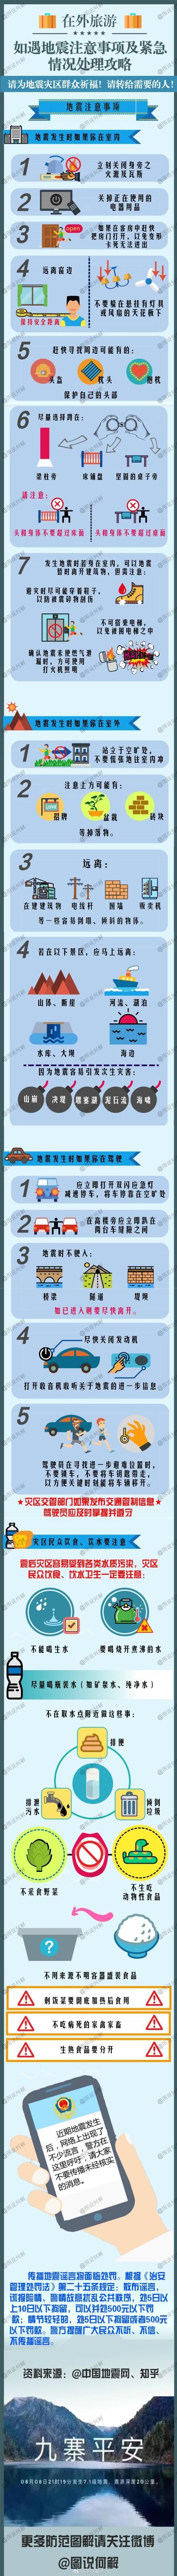 在外旅游如遇地震注意事项及紧急情况处理攻略